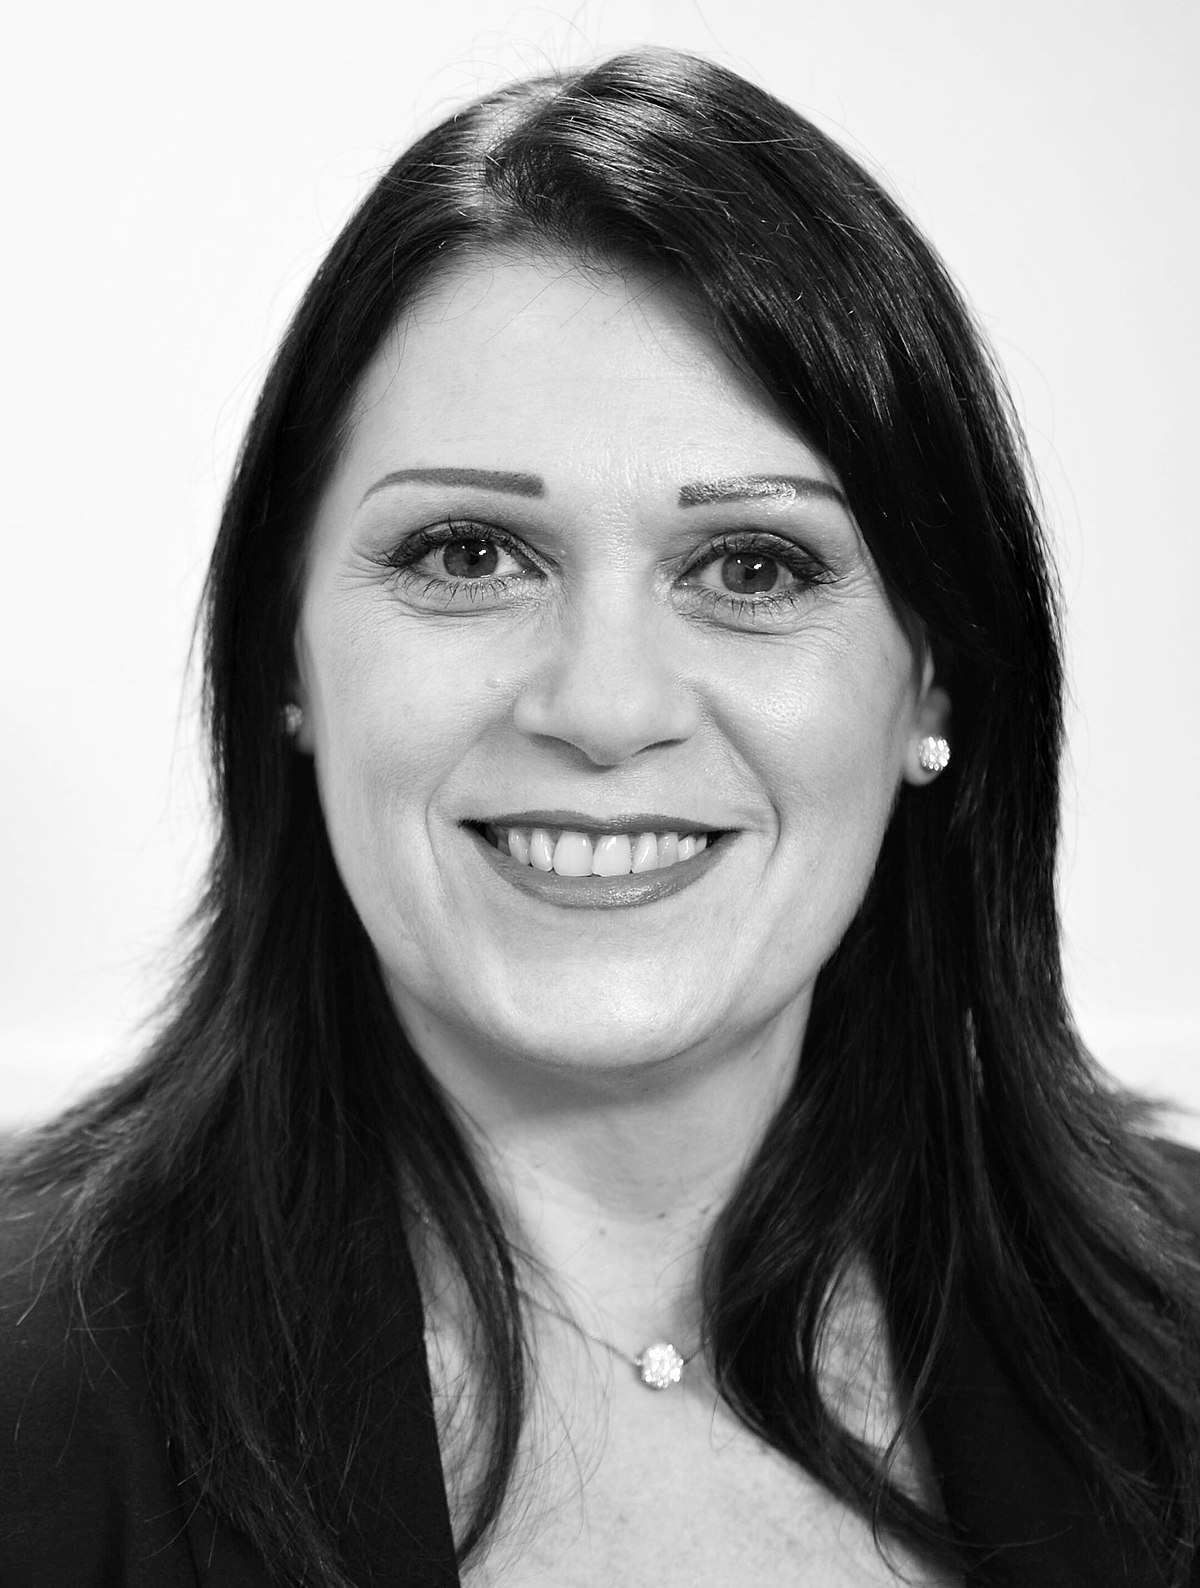 Sonia Peronaci  Wikipedia